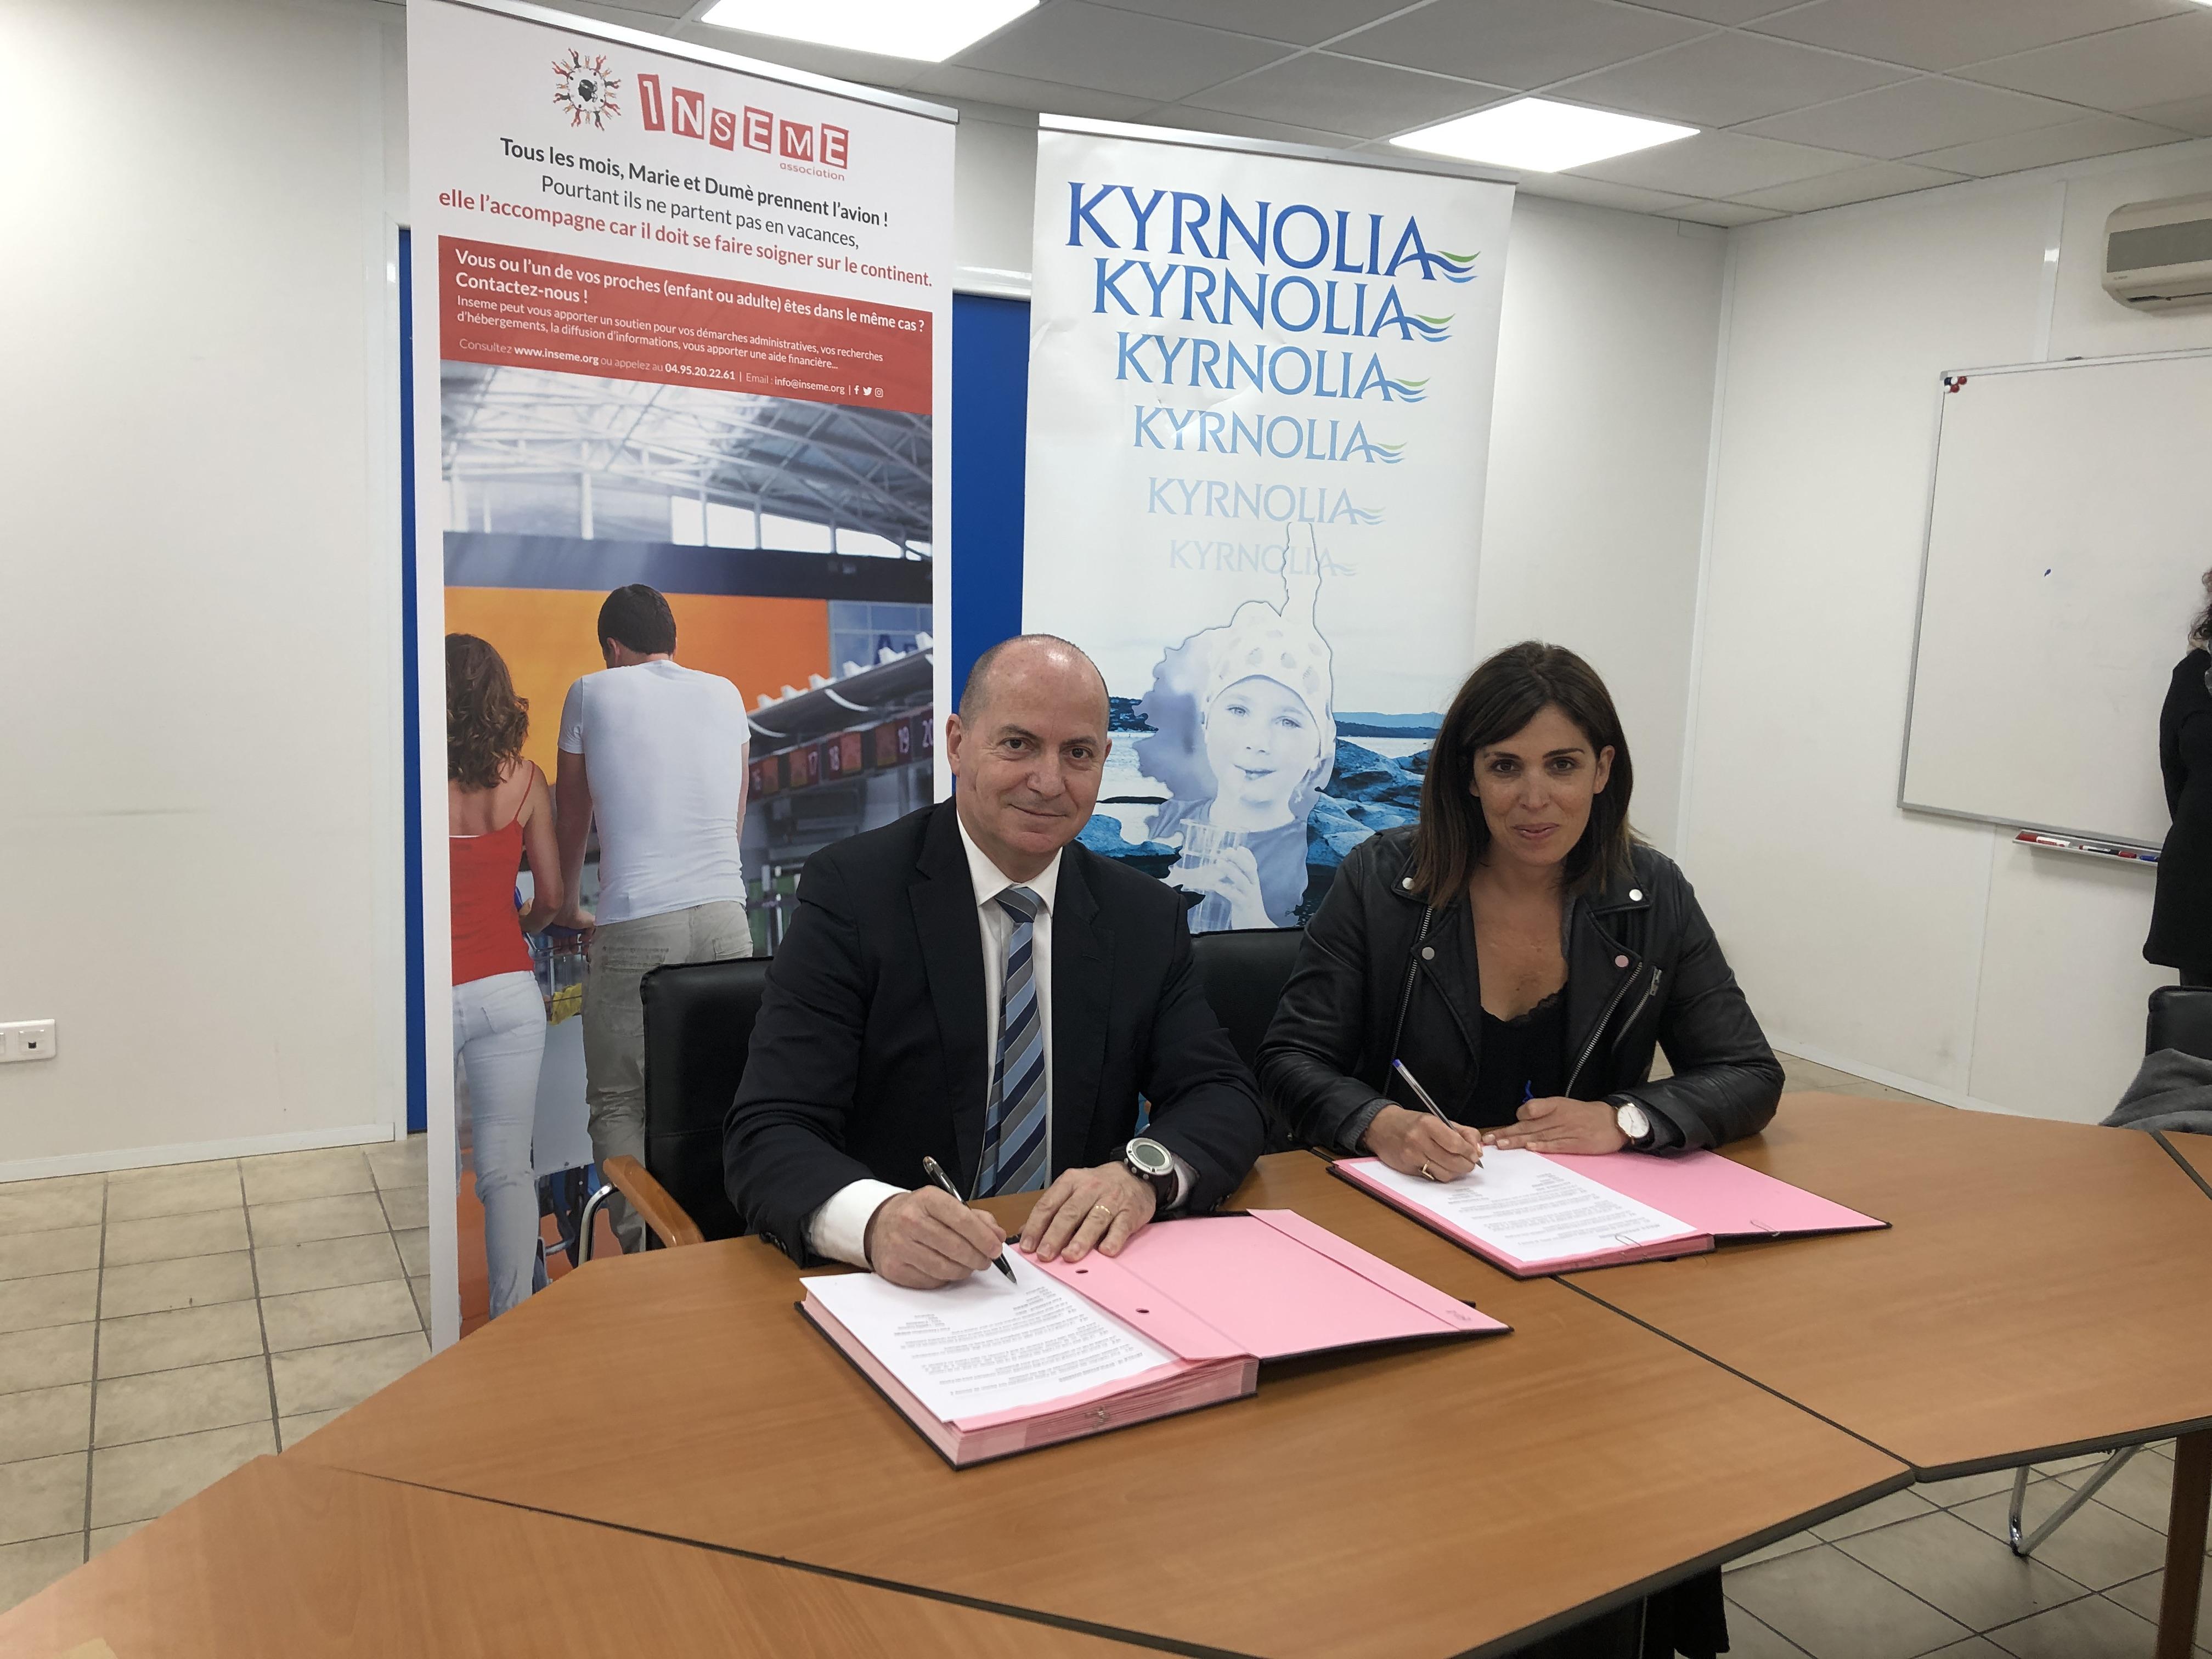 Corse : Pour chaque client qui passe à la facture électronique, Kyrnolia reversera 1€ à Inseme